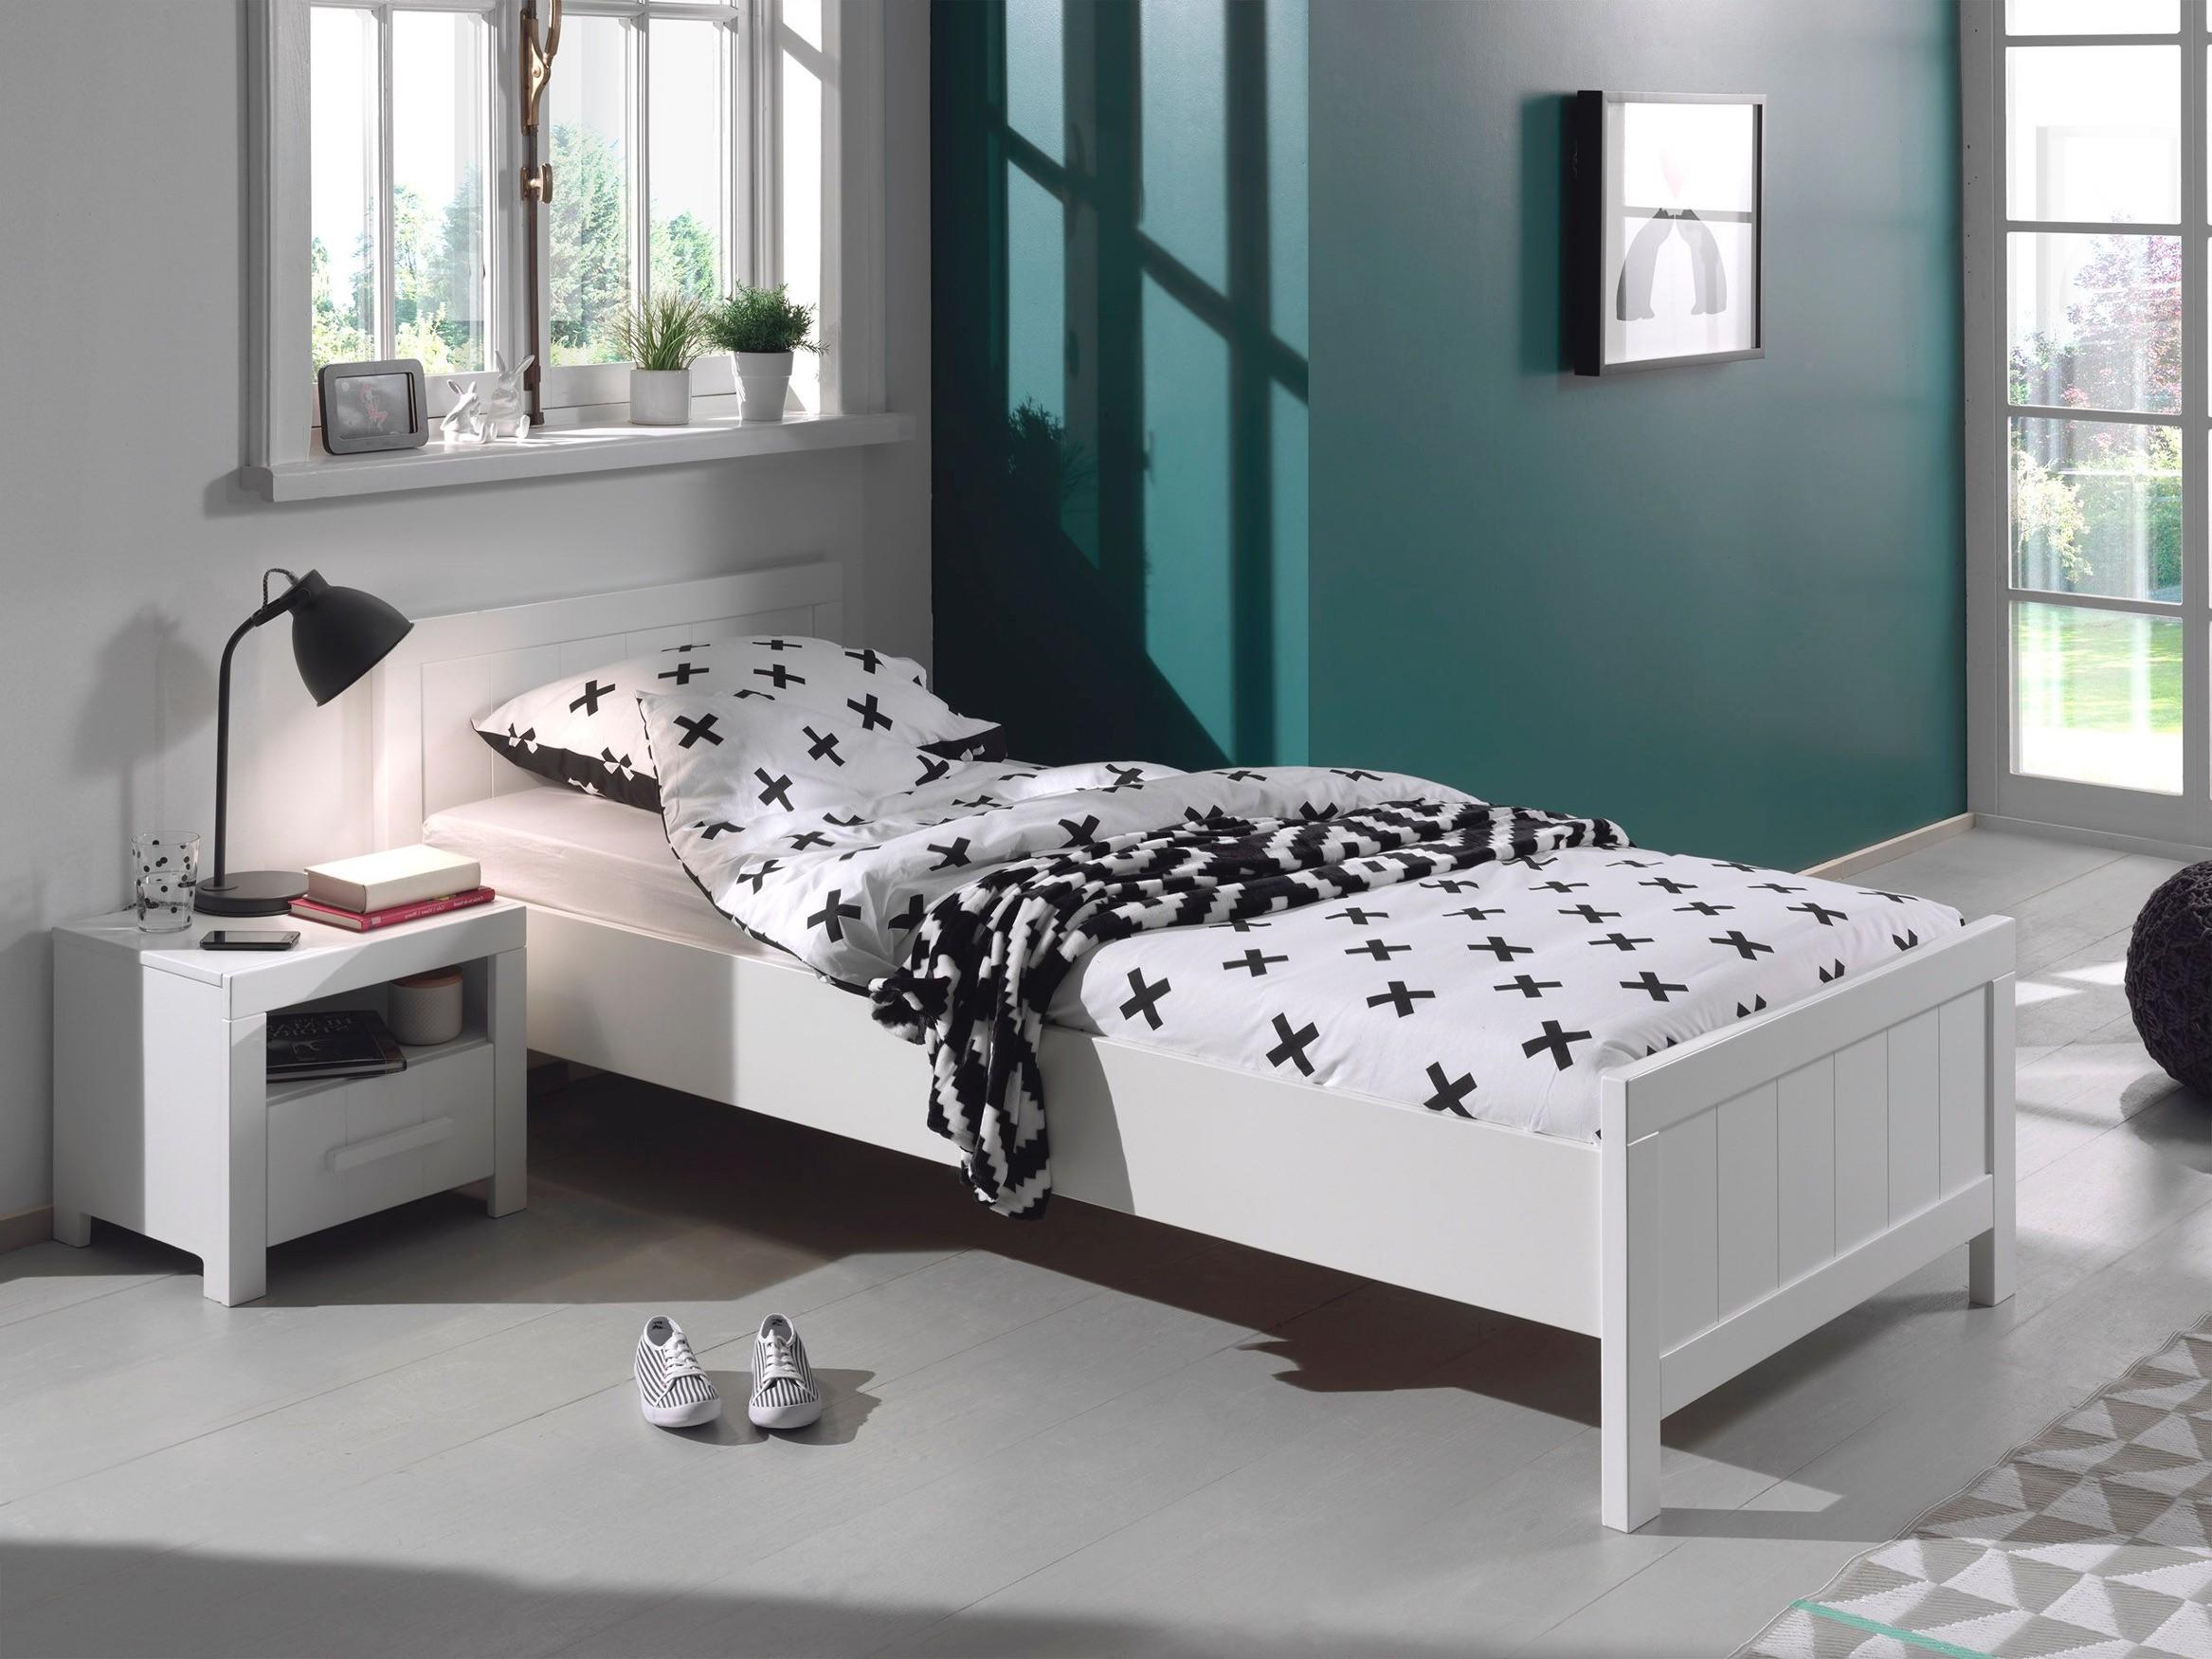 jugendzimmer erik mit bett liegefl che 90 x 200 cm und. Black Bedroom Furniture Sets. Home Design Ideas